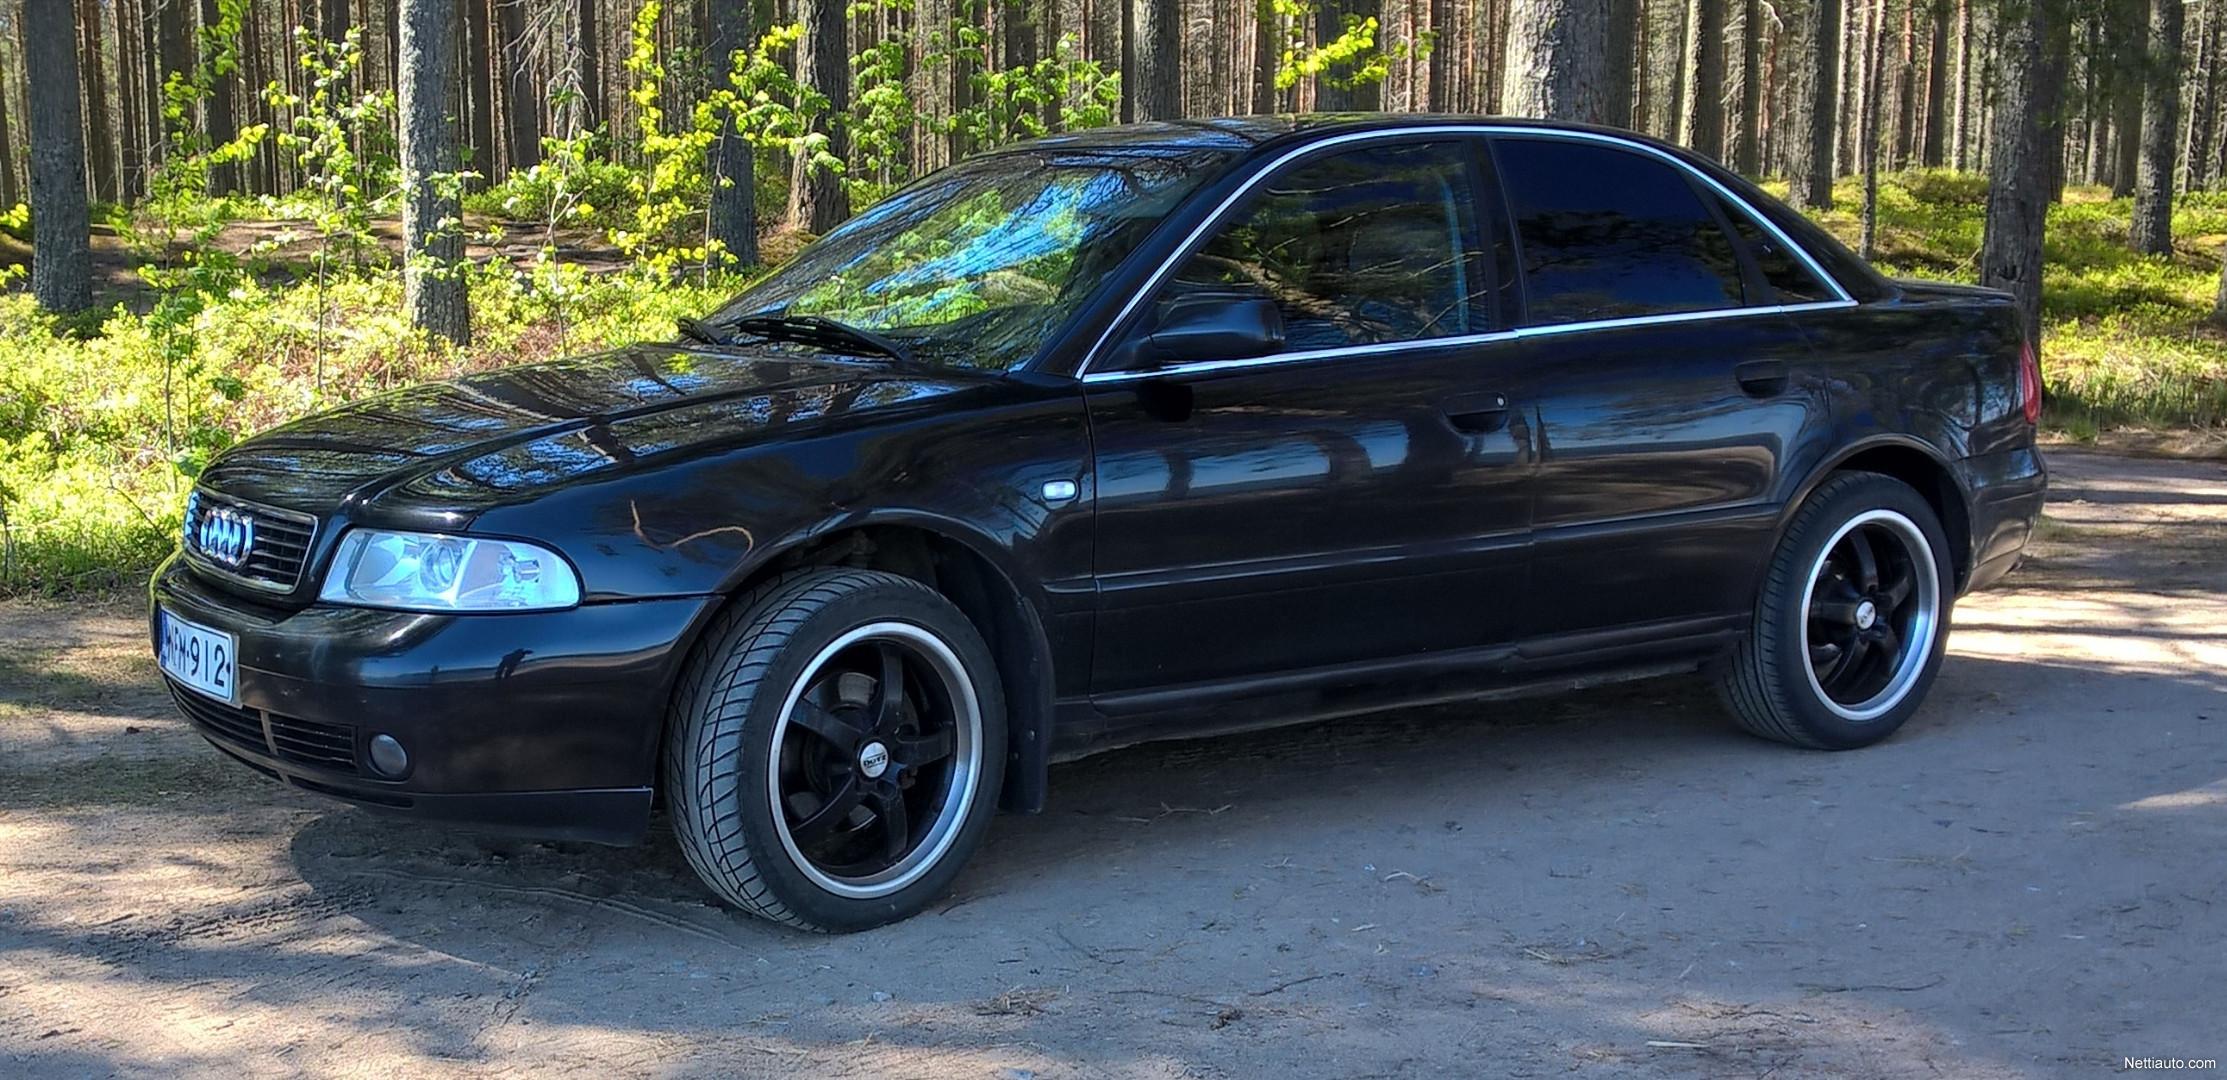 audi a4 2 5 v6 tdi 4d sedan 2000 used vehicle nettiauto. Black Bedroom Furniture Sets. Home Design Ideas